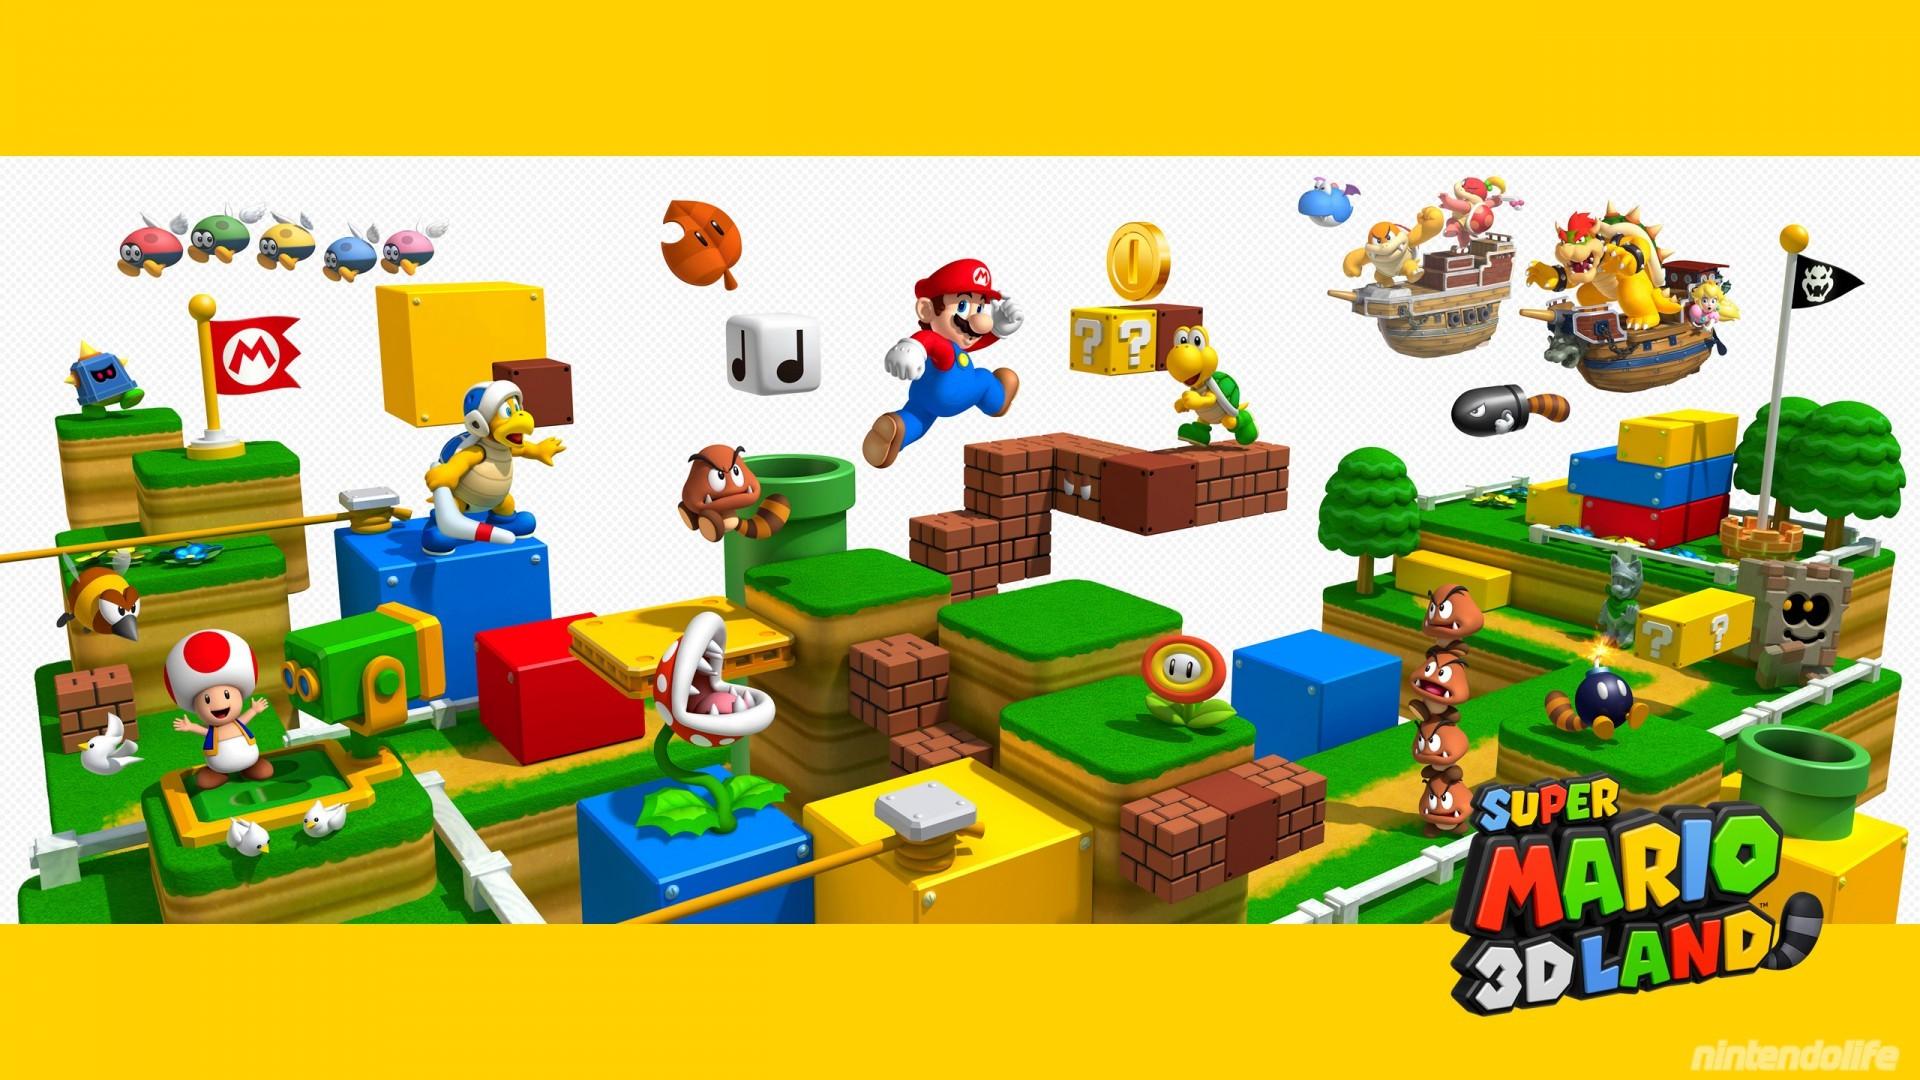 Super Mario 3D Land – Wallpaper 3